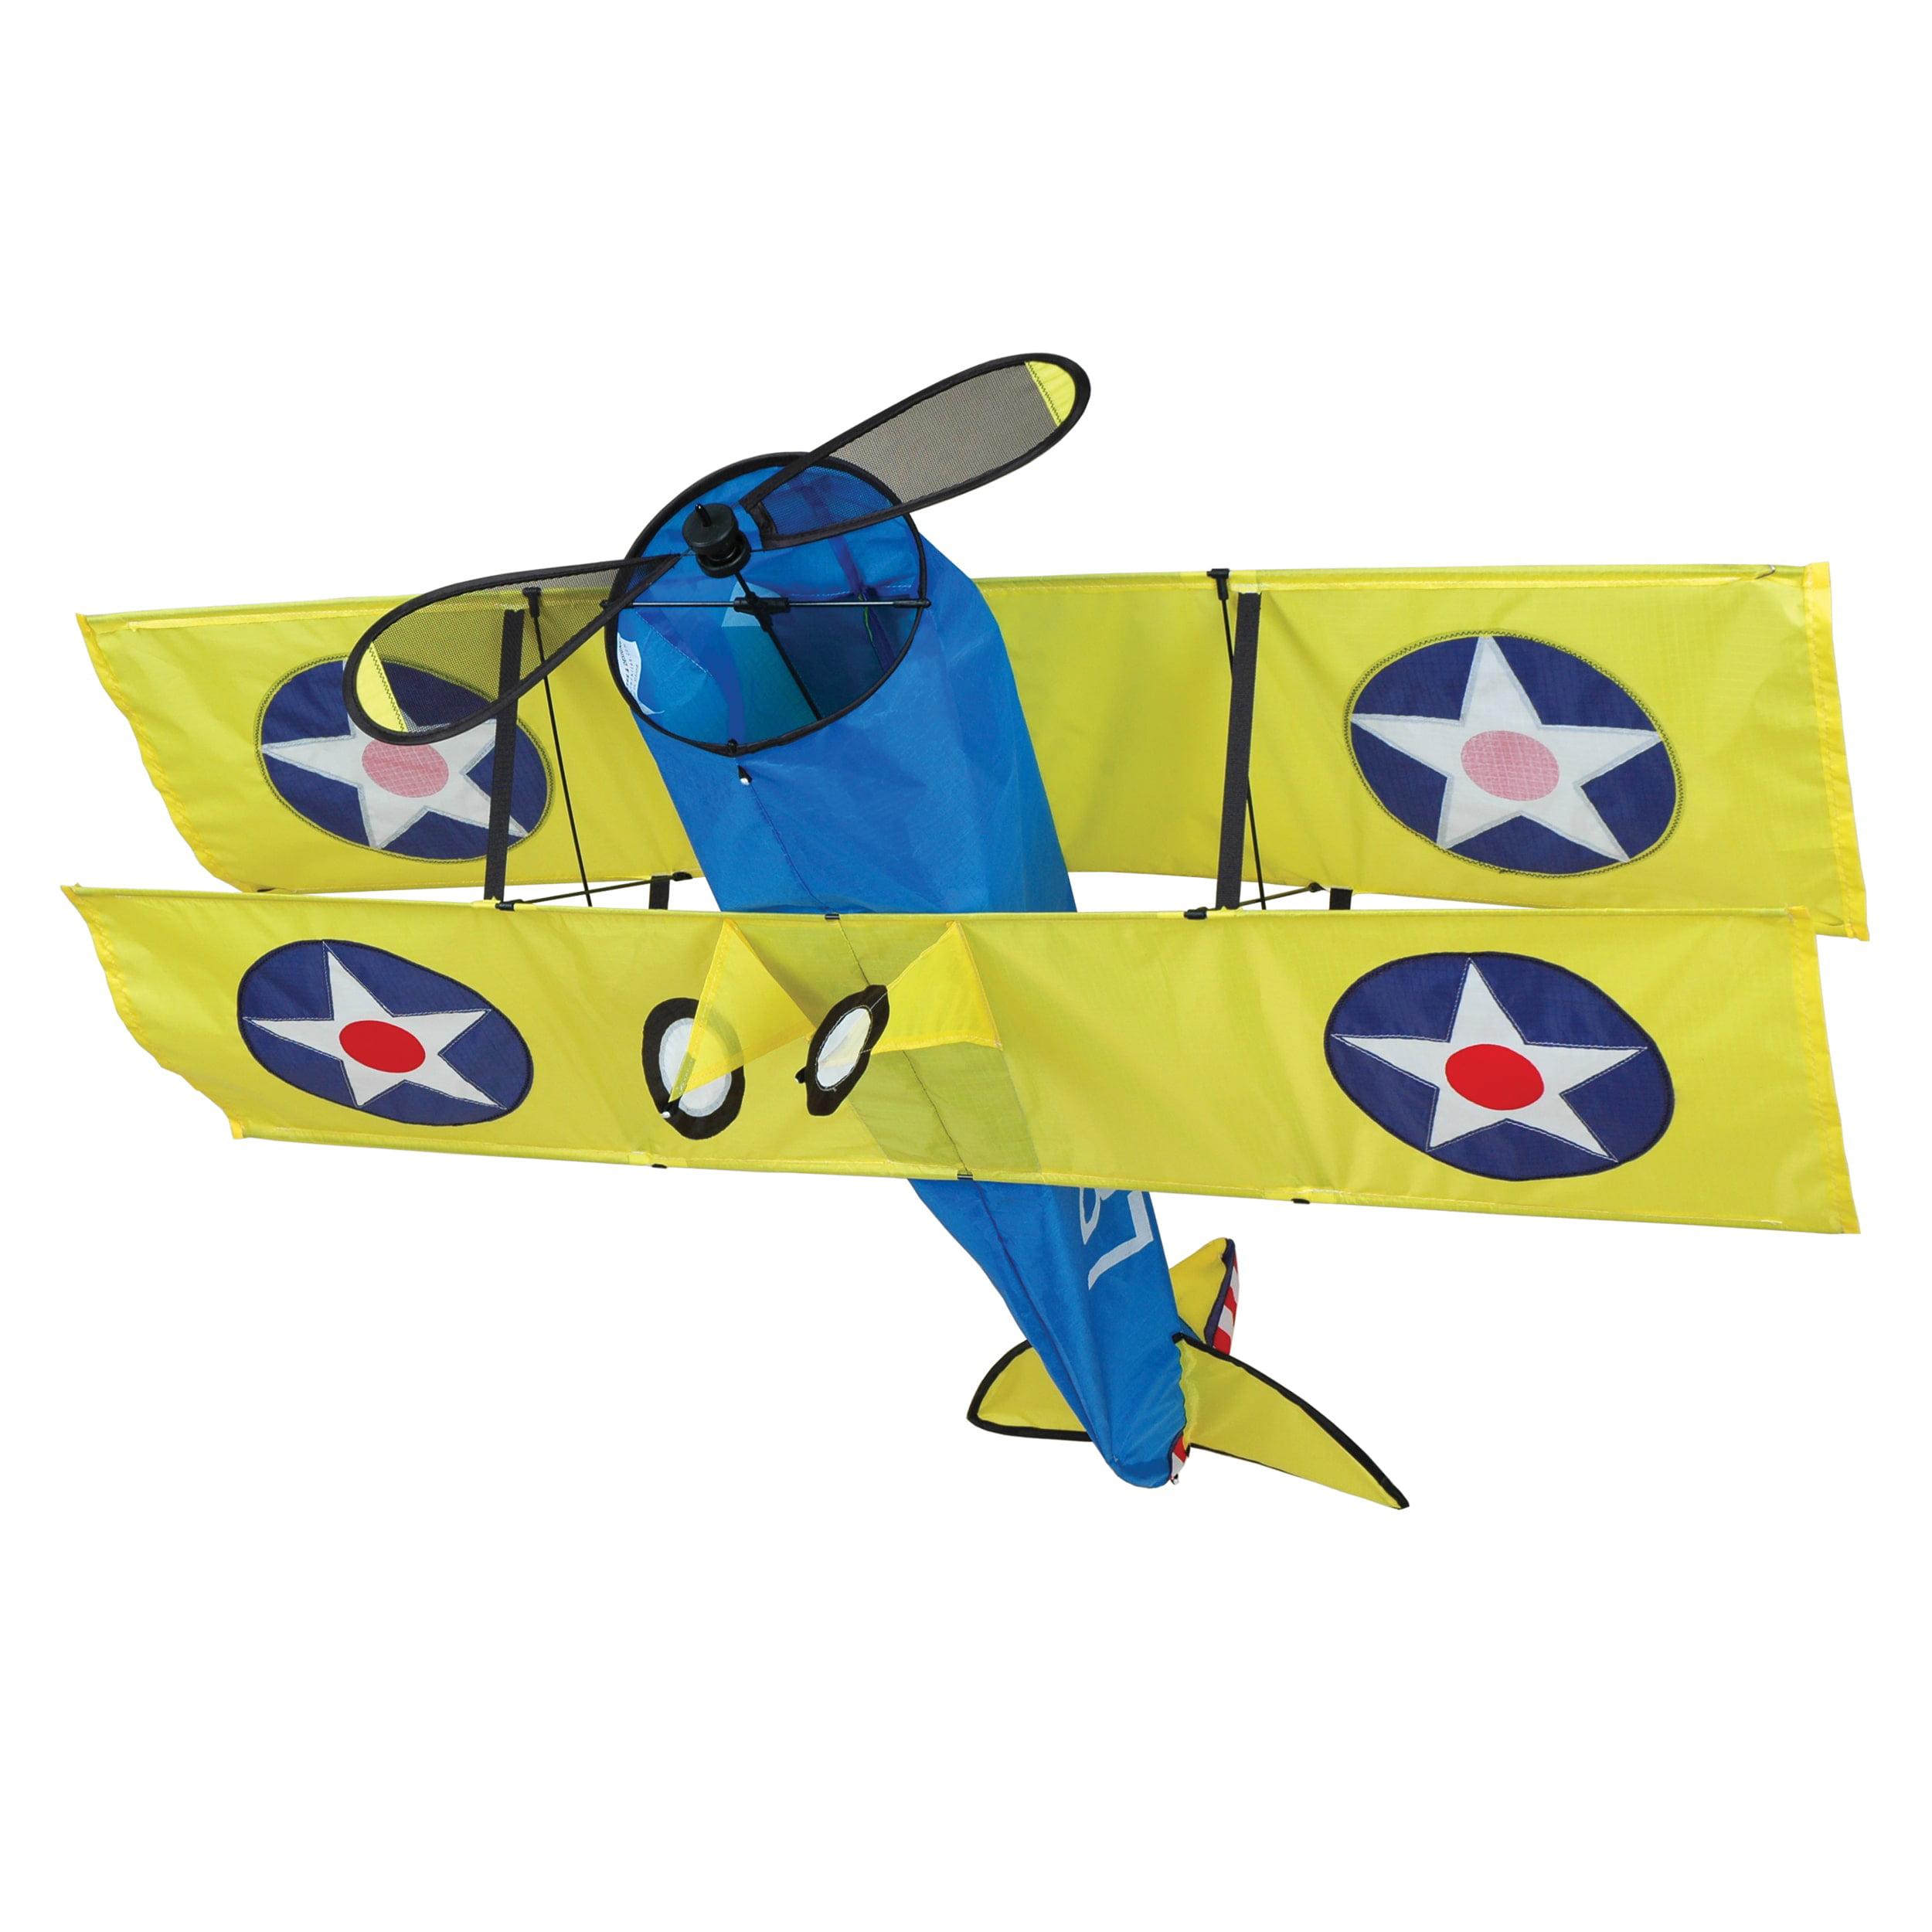 Premier Designs Stearman Bi-Plane Kite by Premier Kite